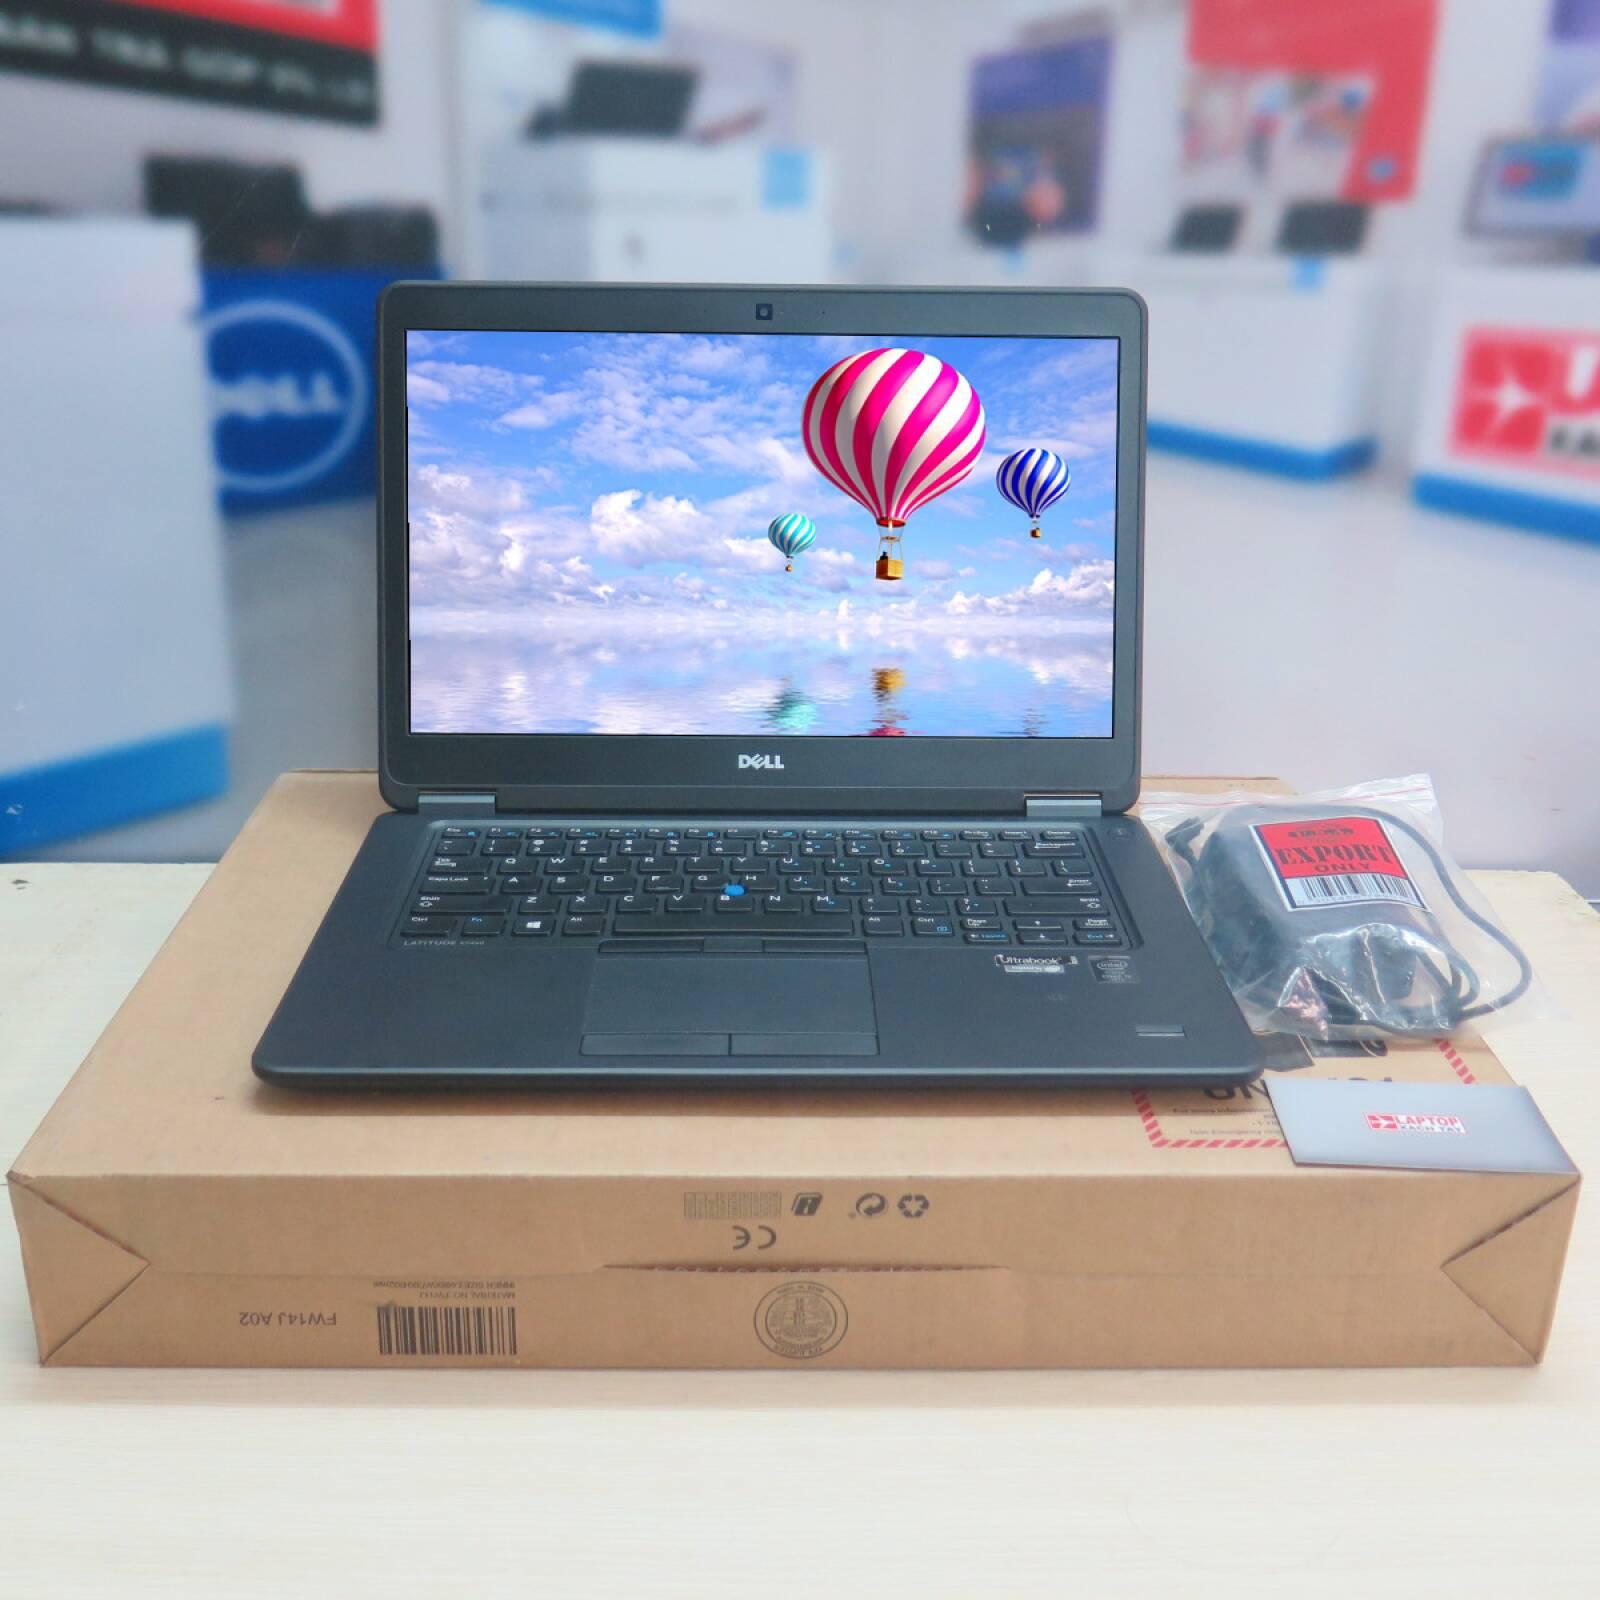 Dell Latitude E7450 - Laptopxachtayshop.com